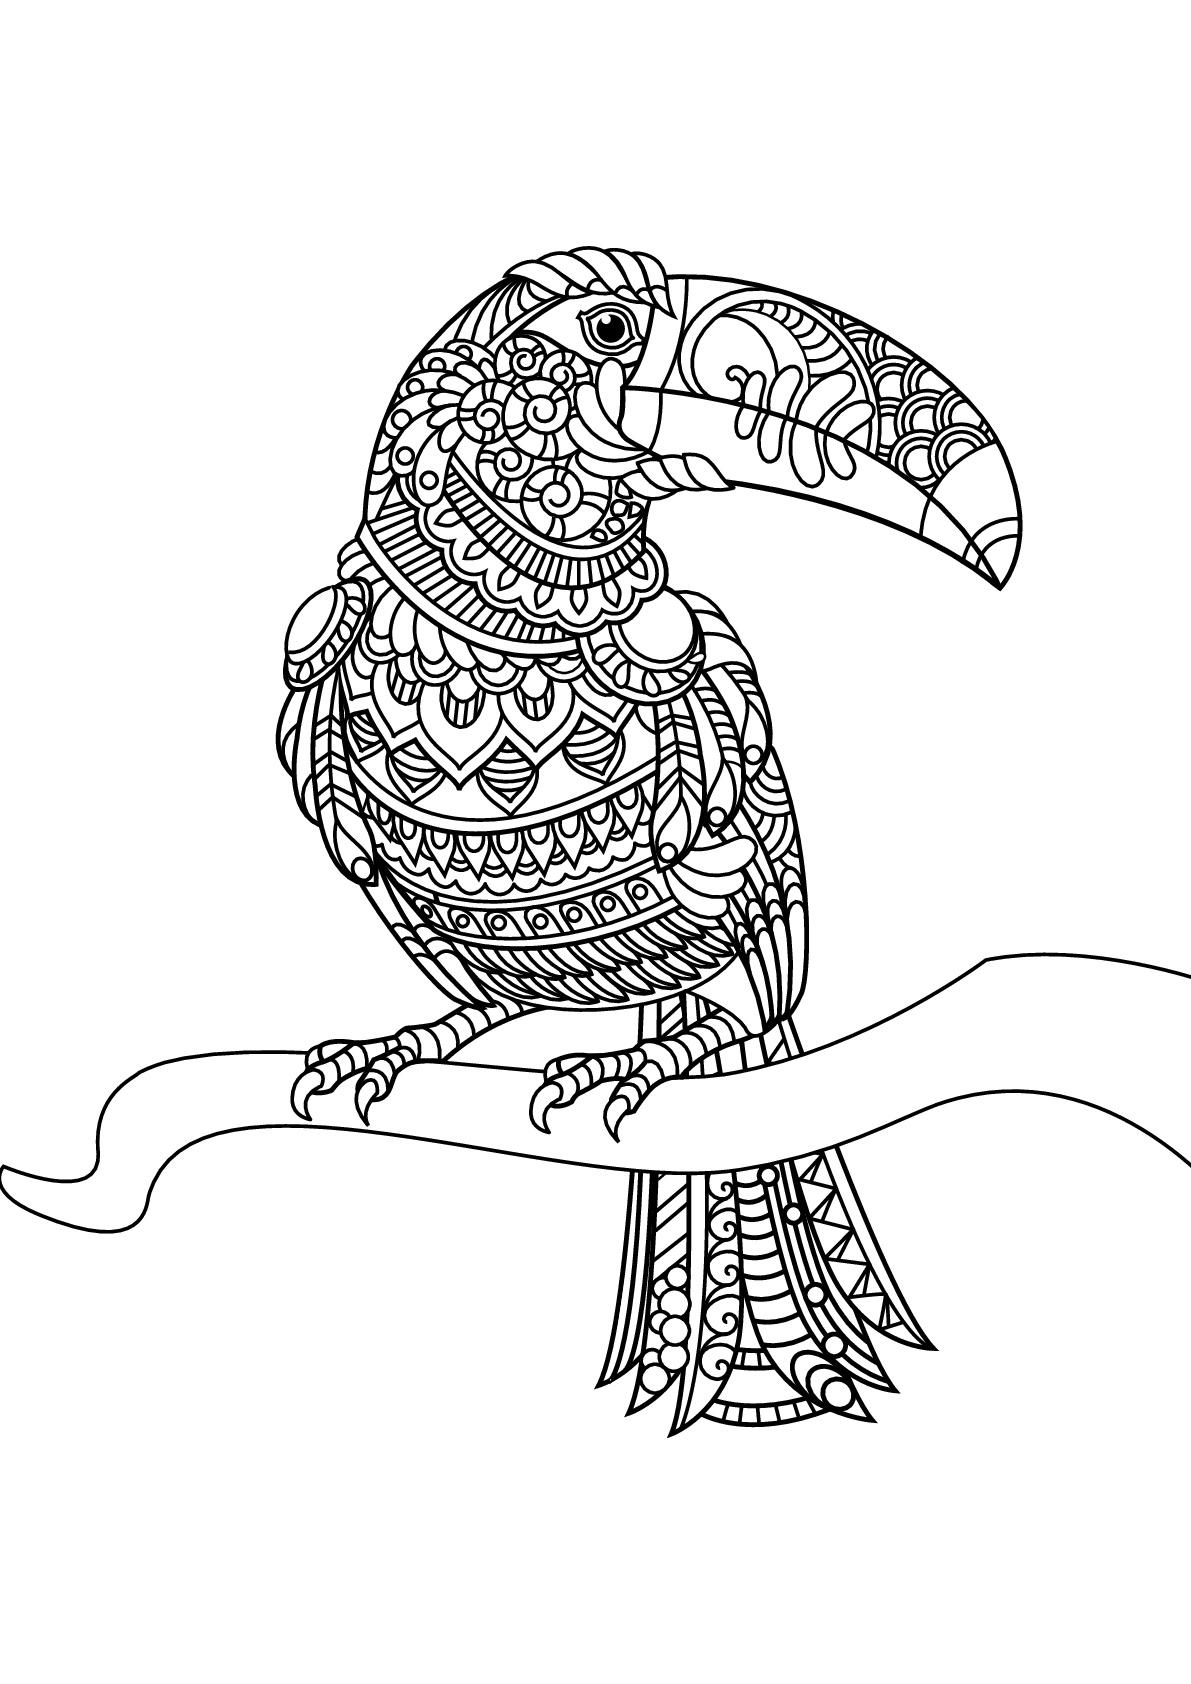 Aves 91264 - Aves - Colorear para Adultos